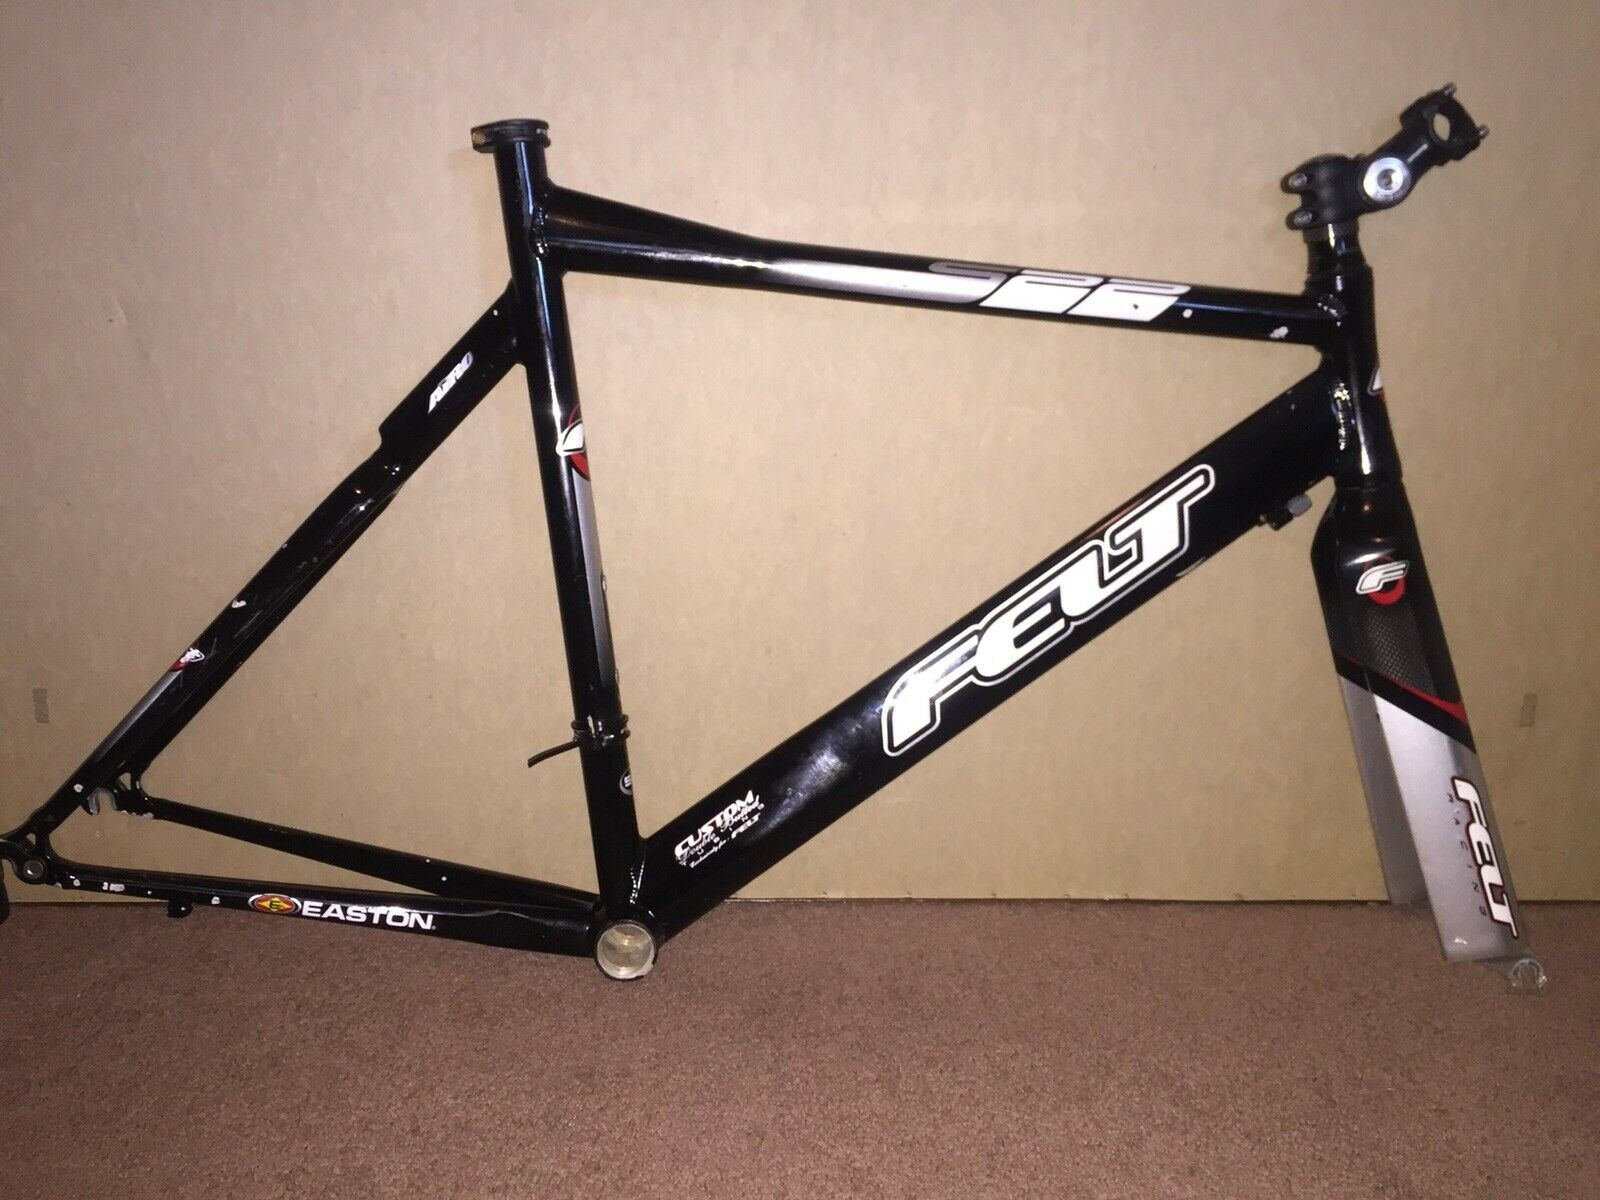 Felt S22 S-22 Triathlon Tri Cycling Frame Frameset 54cm 650c 26 Inch Wheels Used